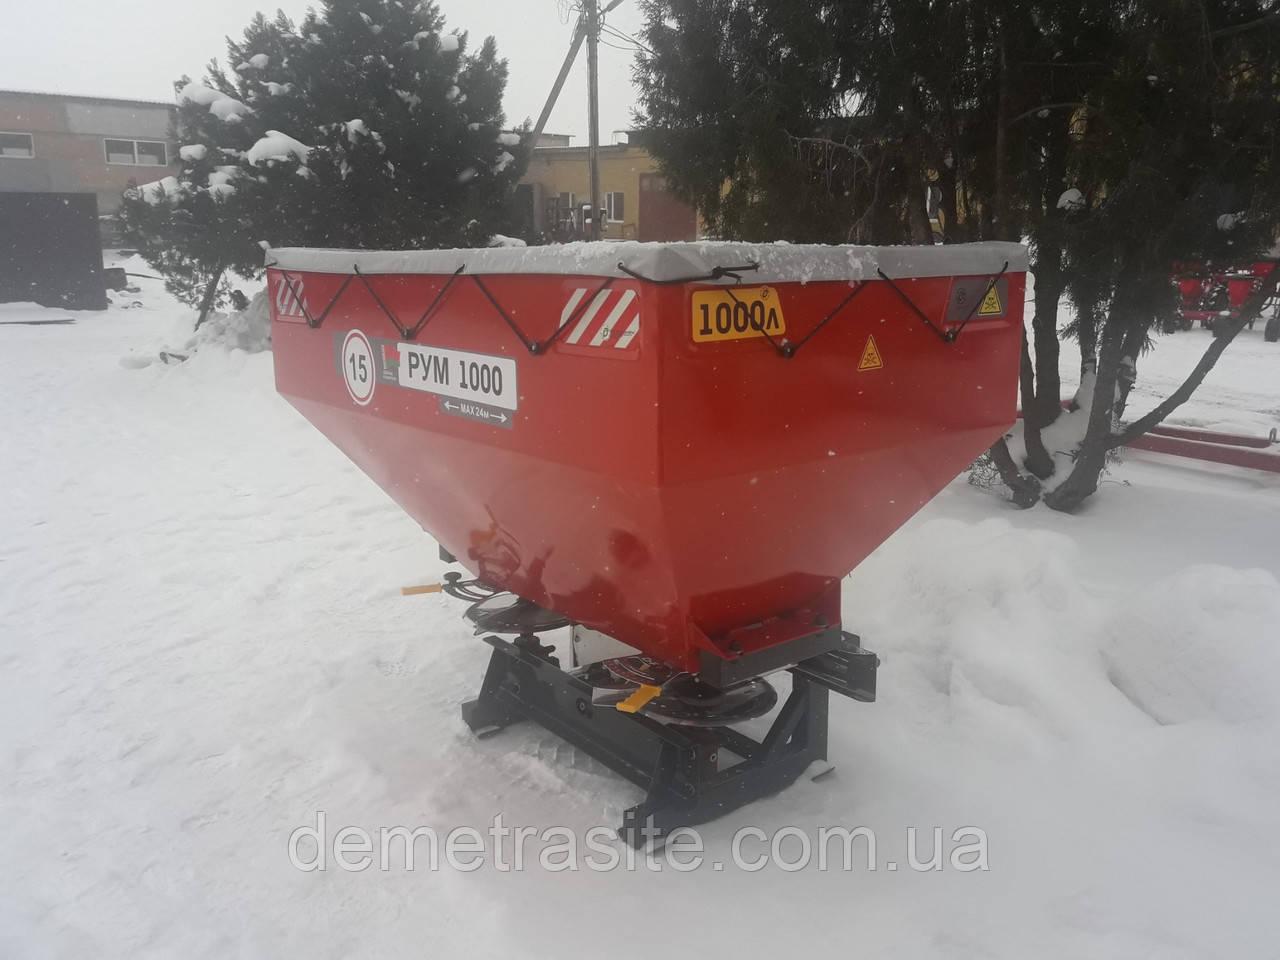 РУМ 1000, Розкидач мінеральних добрив РУМ 1000